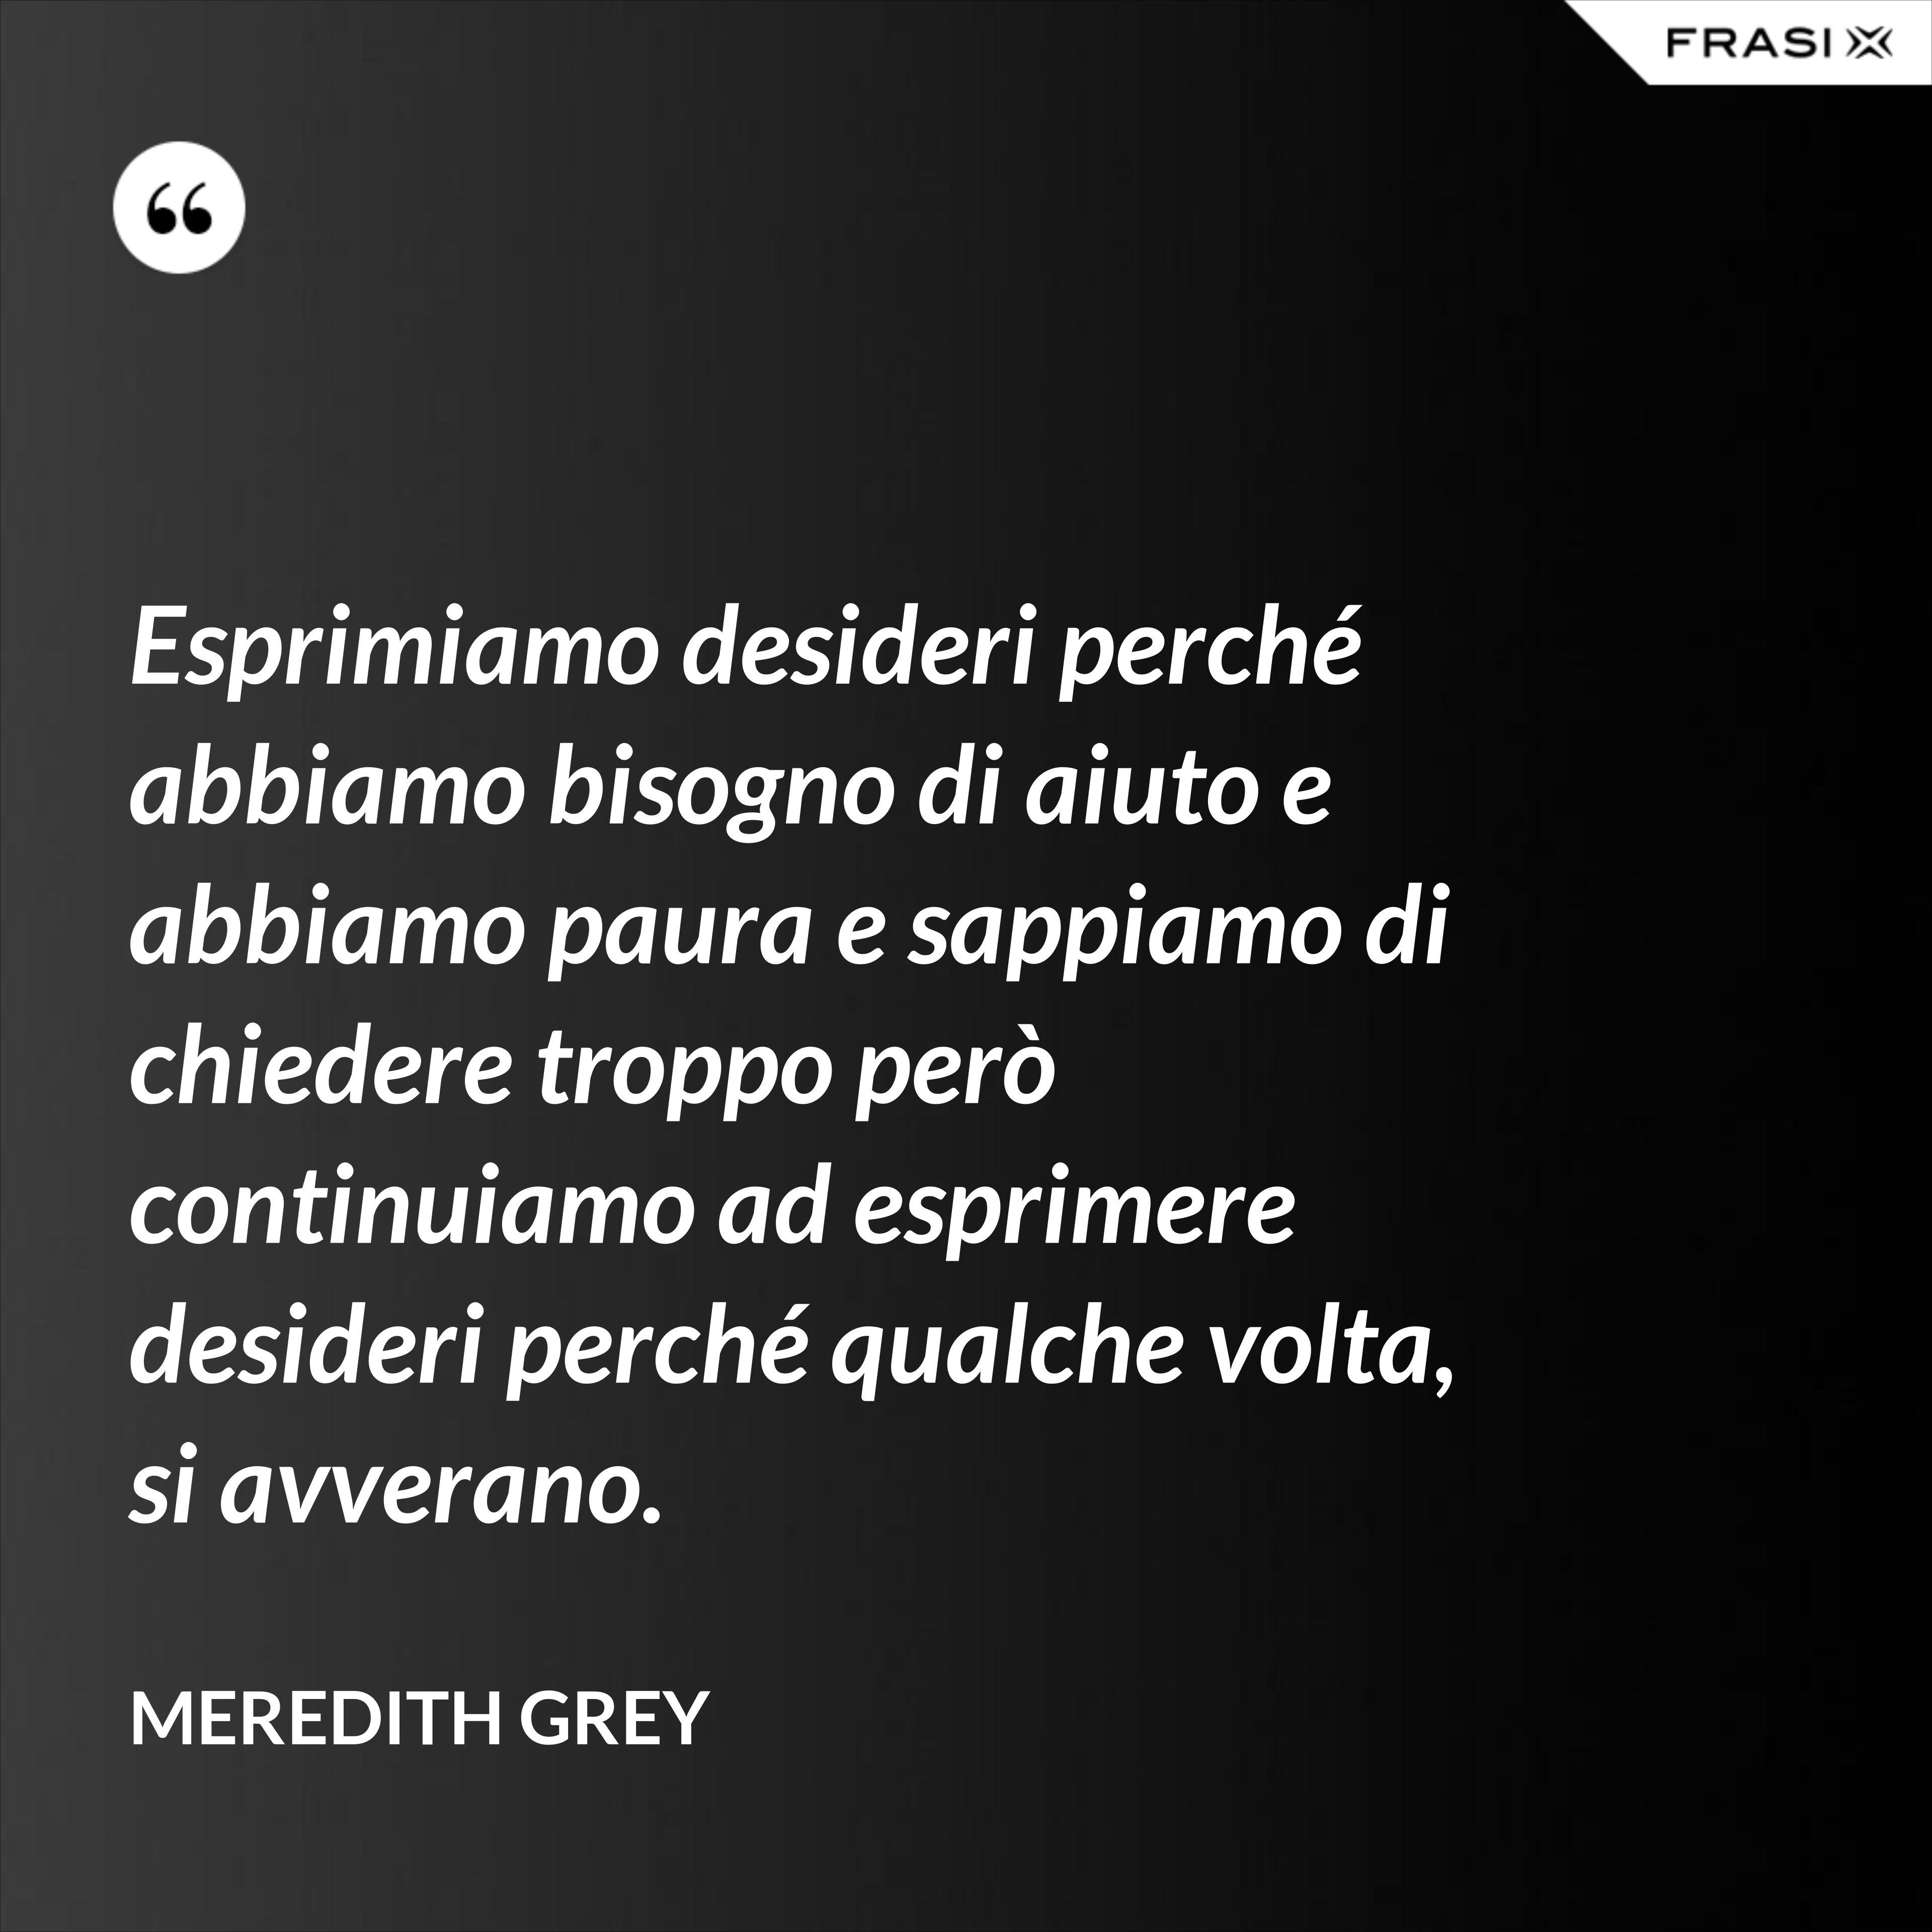 Esprimiamo desideri perché abbiamo bisogno di aiuto e abbiamo paura e sappiamo di chiedere troppo però continuiamo ad esprimere desideri perché qualche volta, si avverano. - Meredith Grey